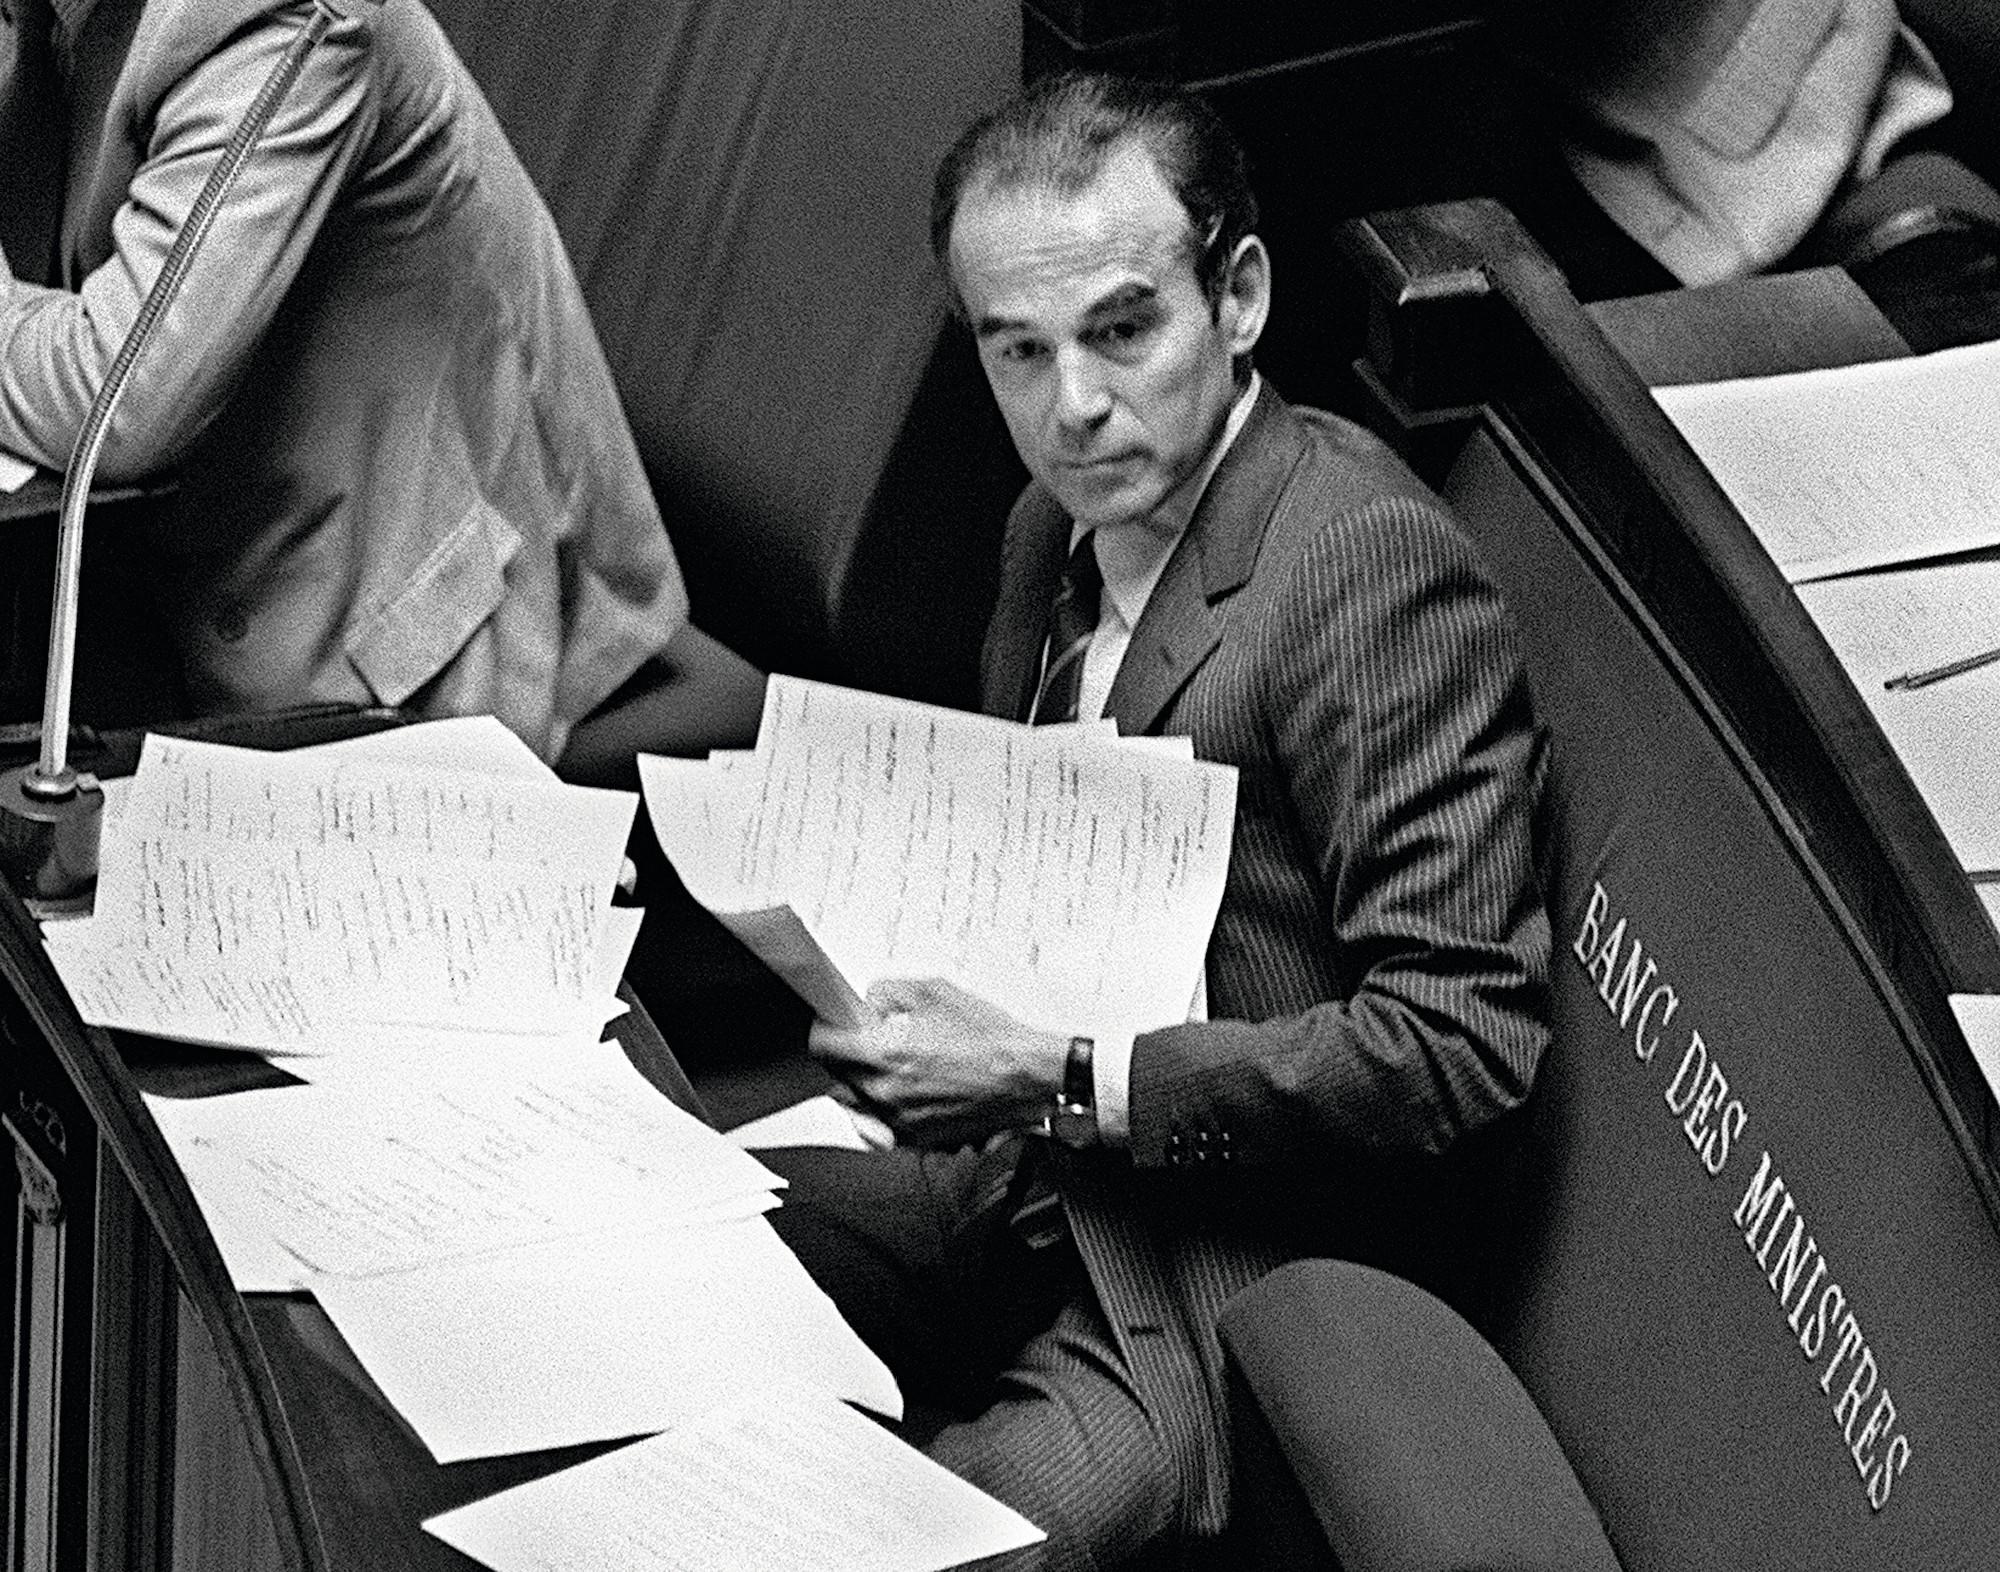 Le 17 septembre 1981, Robert Badinter, ministre de la Justice du gouvernement socialiste, défend son projet de loi sur l'abolition de la peine de mort malgré l'opposition de l'opinion